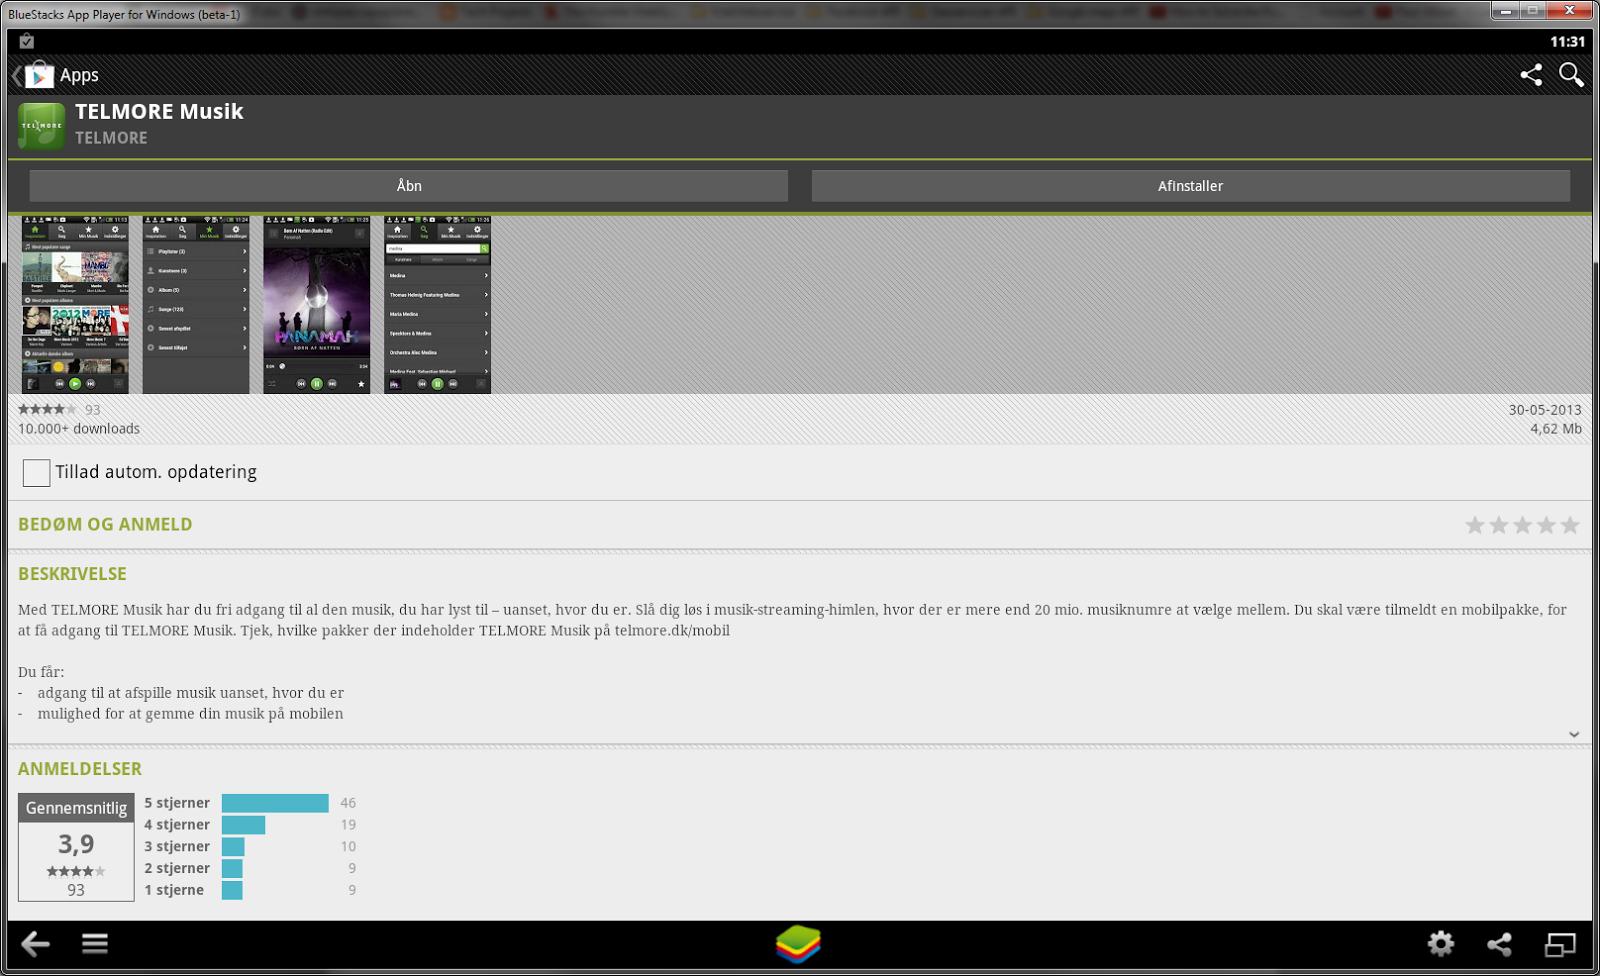 telmore musik download